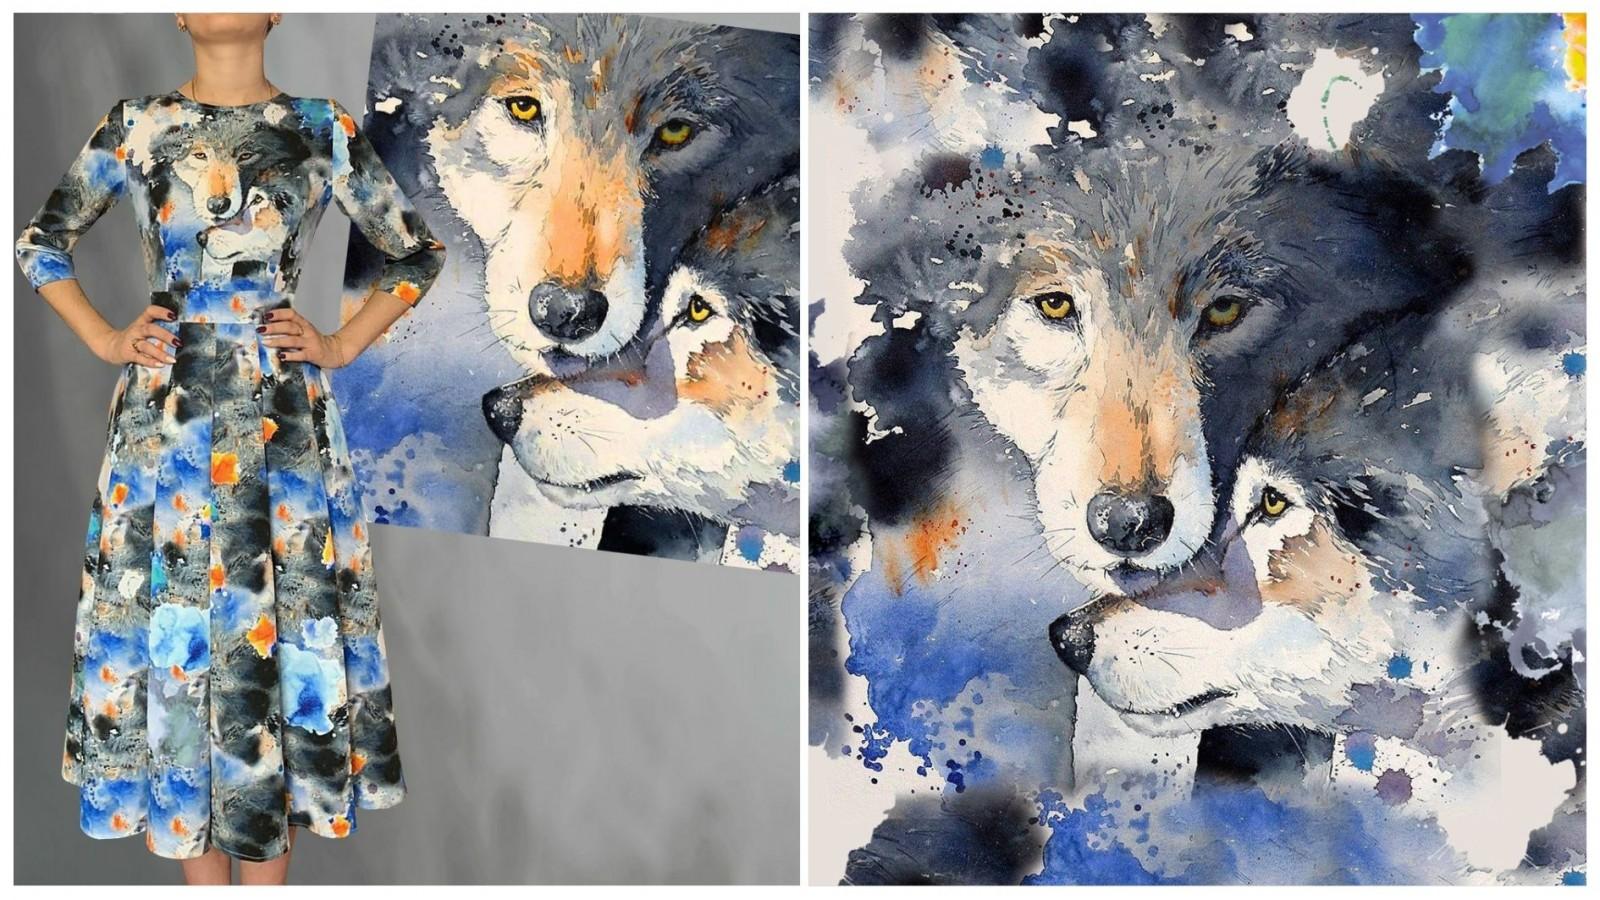 Платье Злата (Волки), стоимость 7900₽.